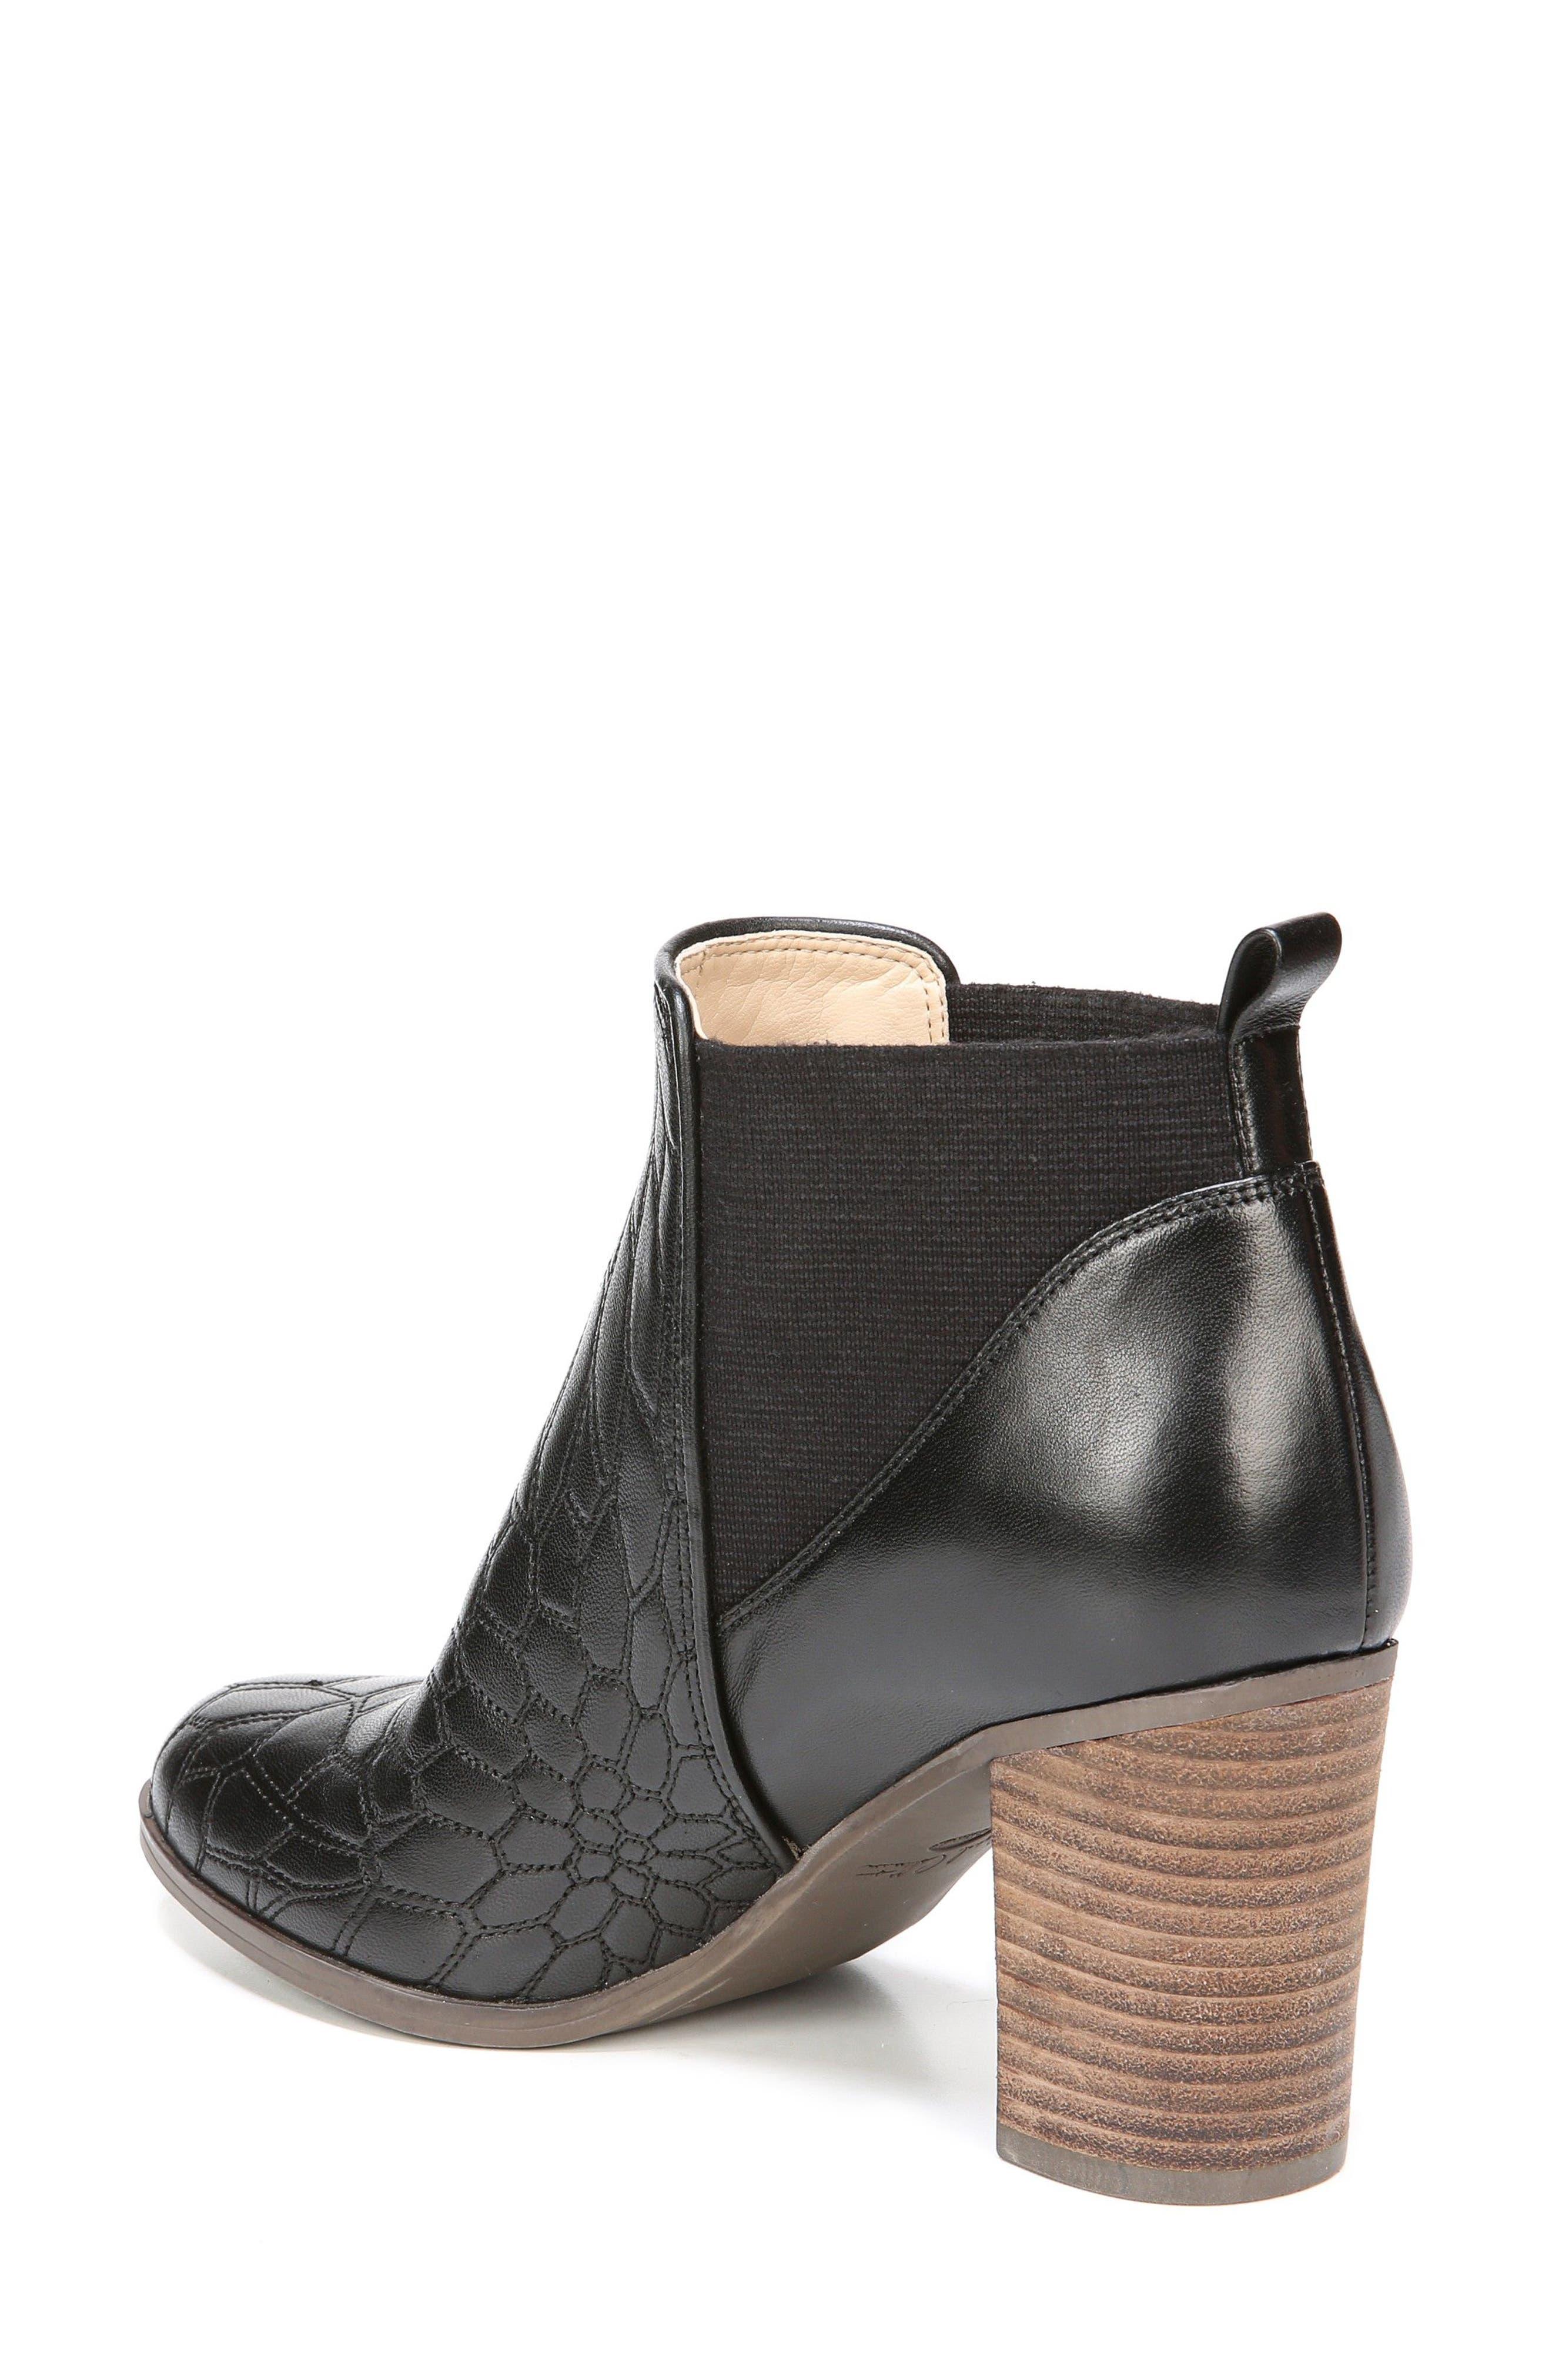 Dixie Bootie,                             Alternate thumbnail 2, color,                             Black Leather